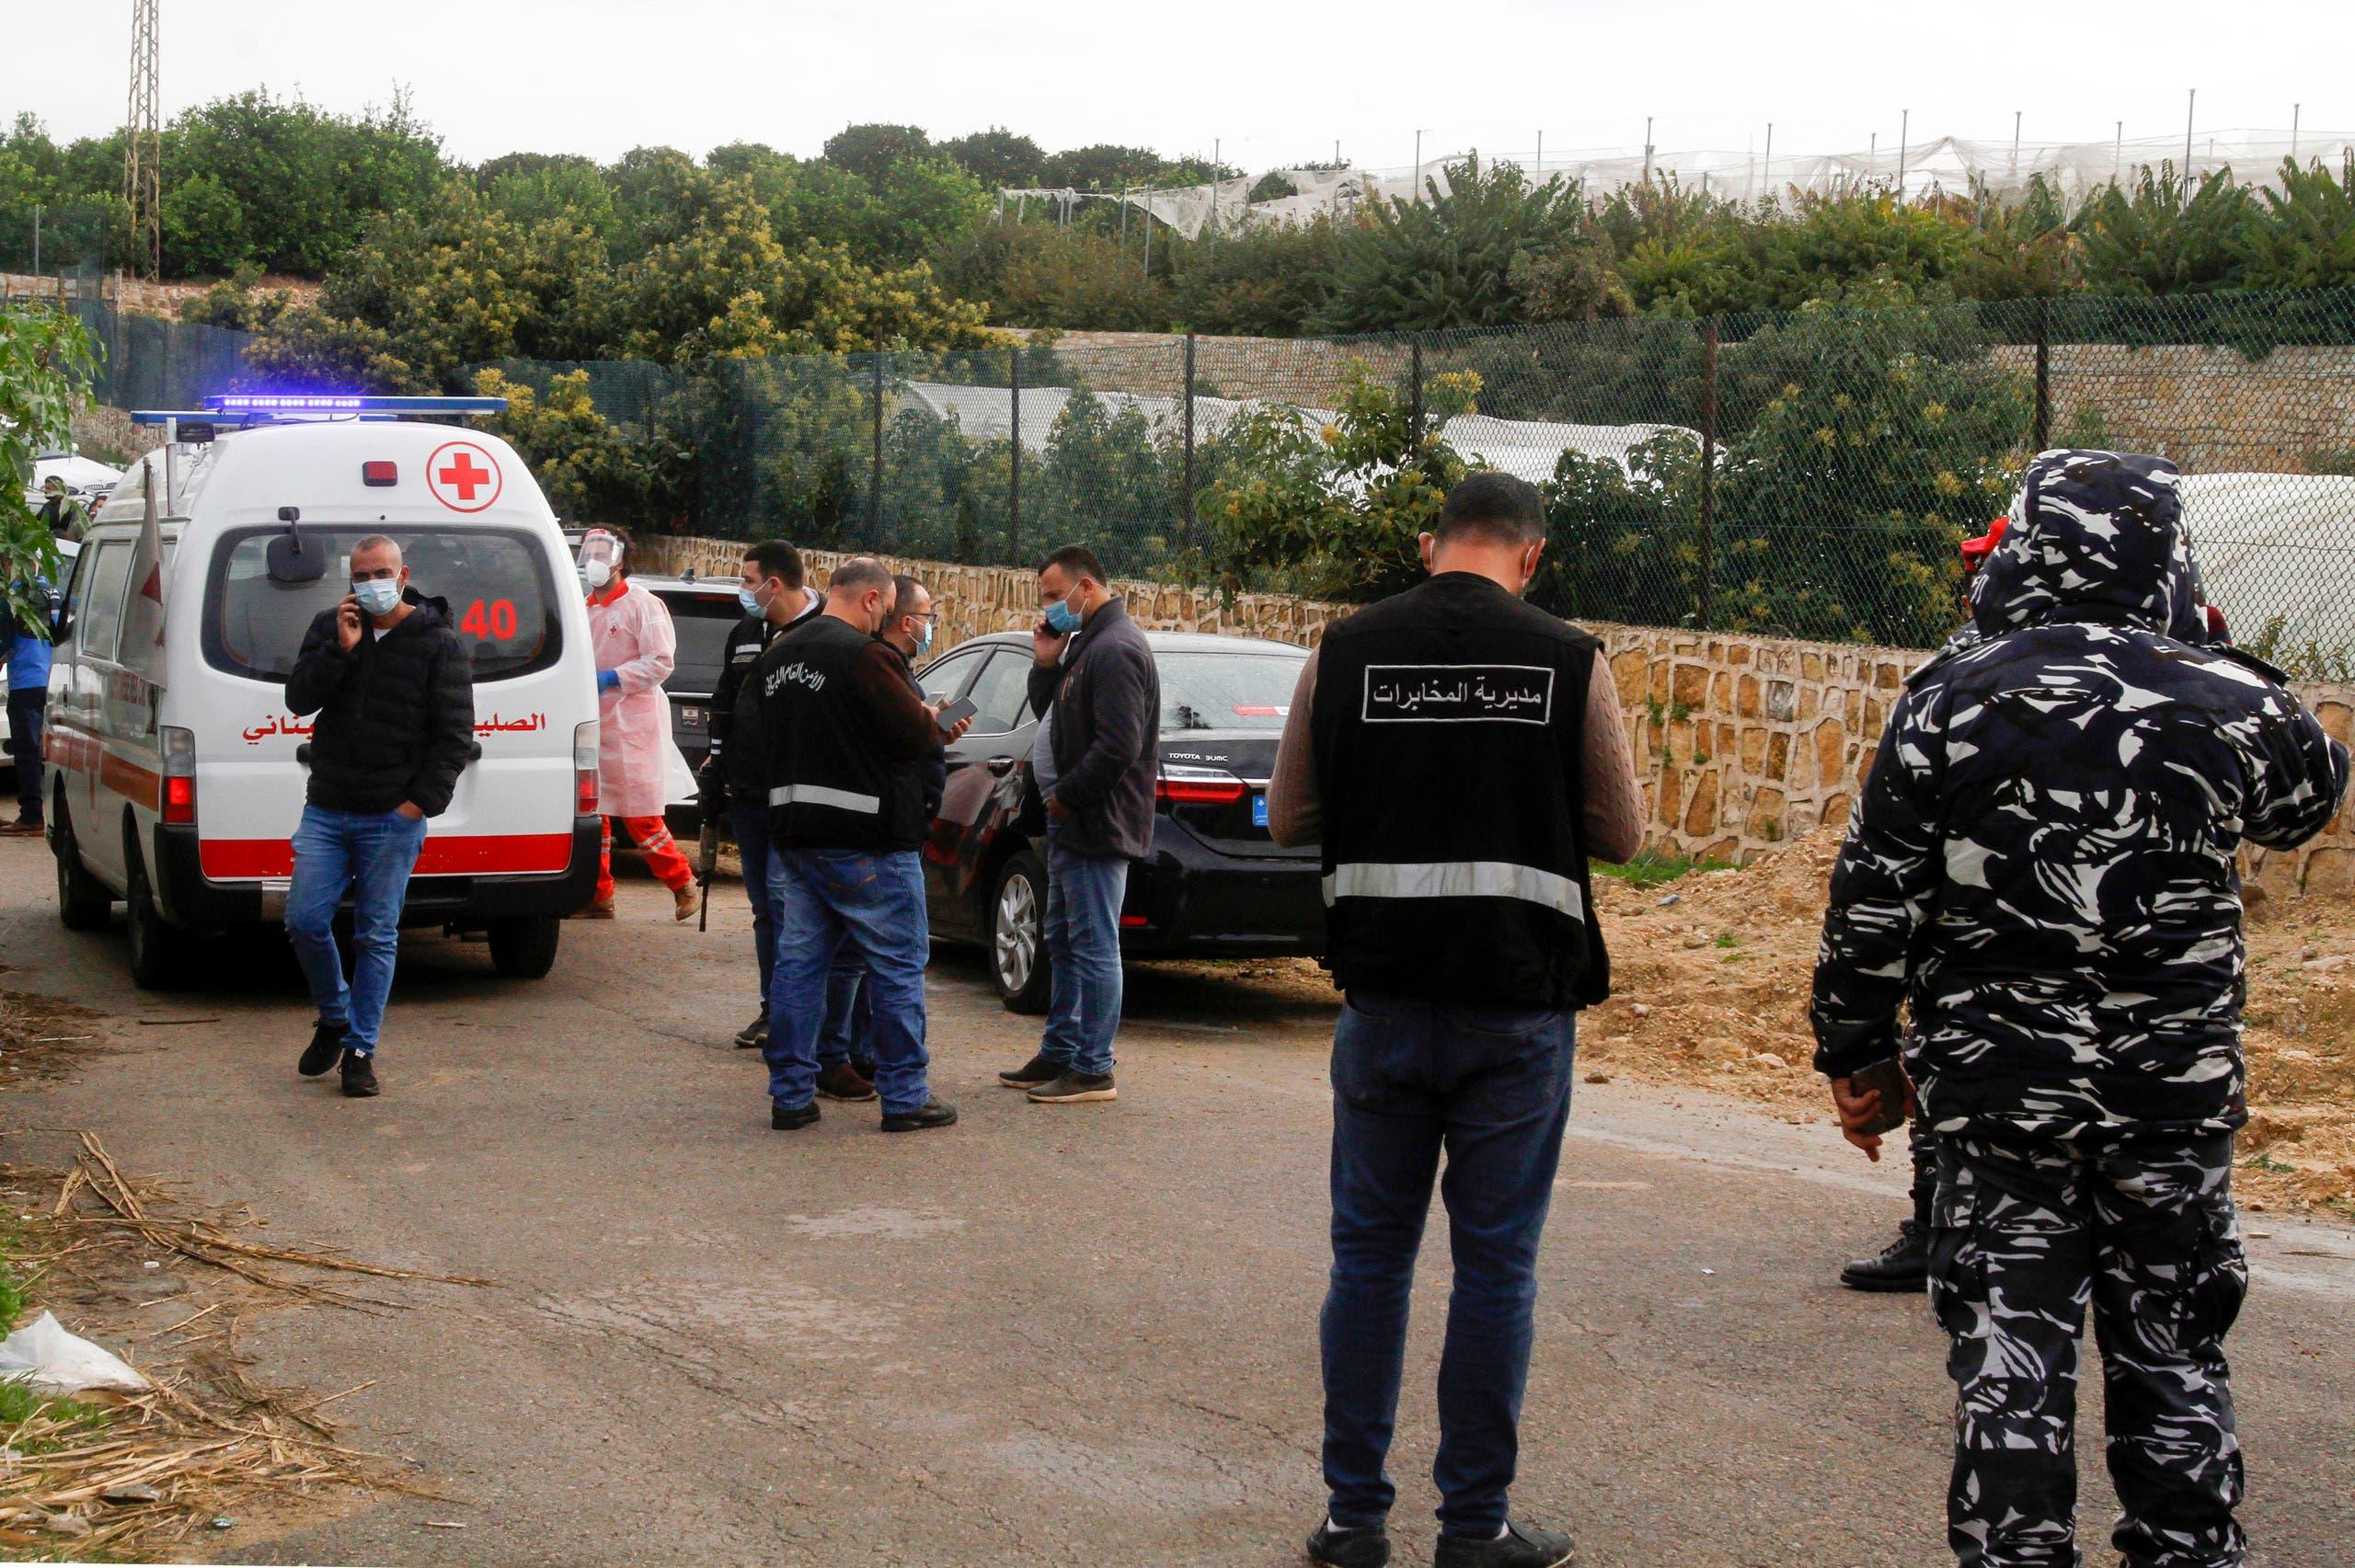 از محلی که جسد لوکمان اسلیم پیدا شد (4 فوریه 2021 - France Press)